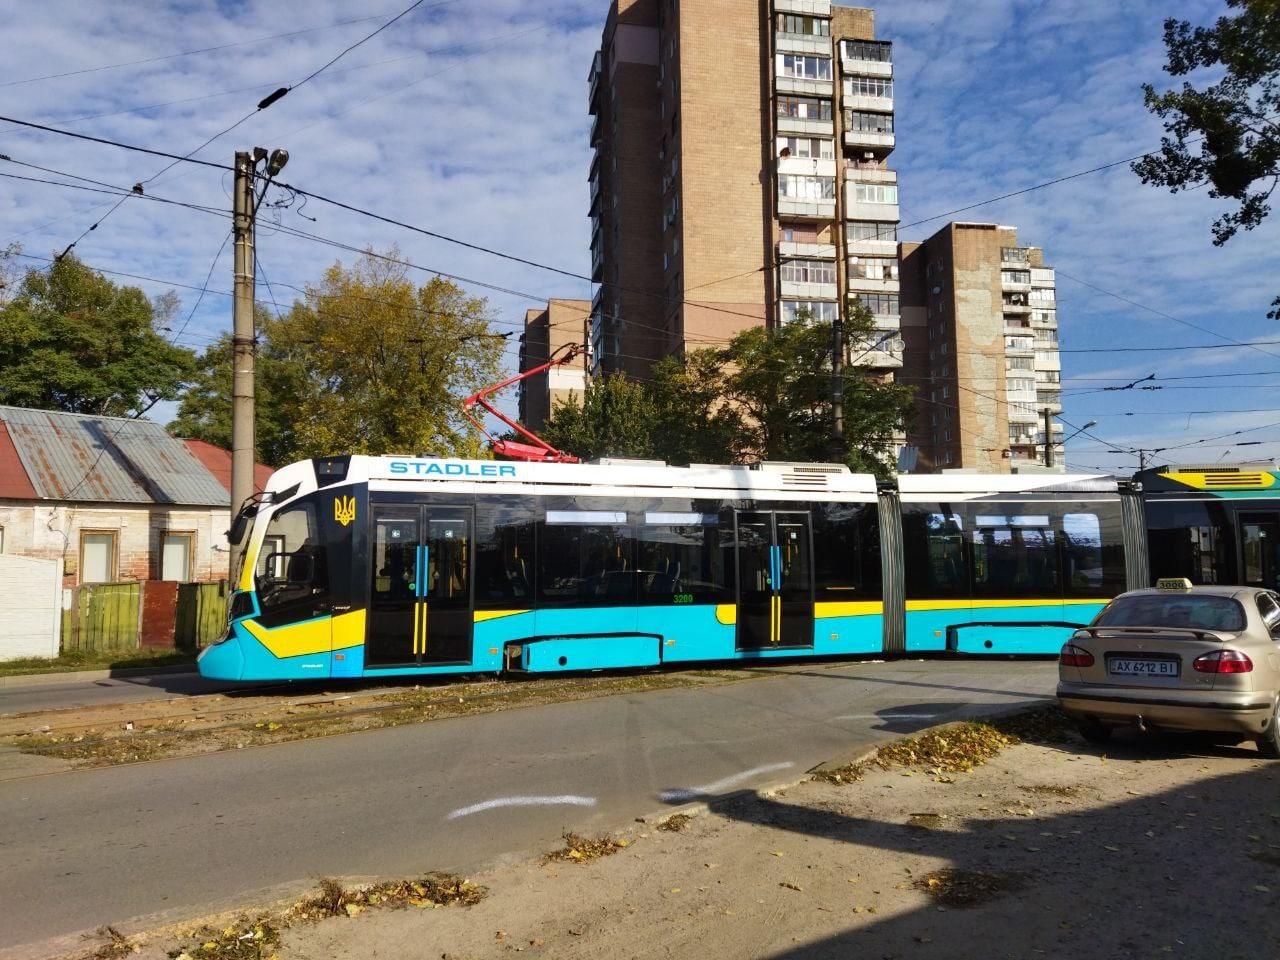 Швейцарский дрифт. Начнут ли производство трамваев Stadler в Харькове